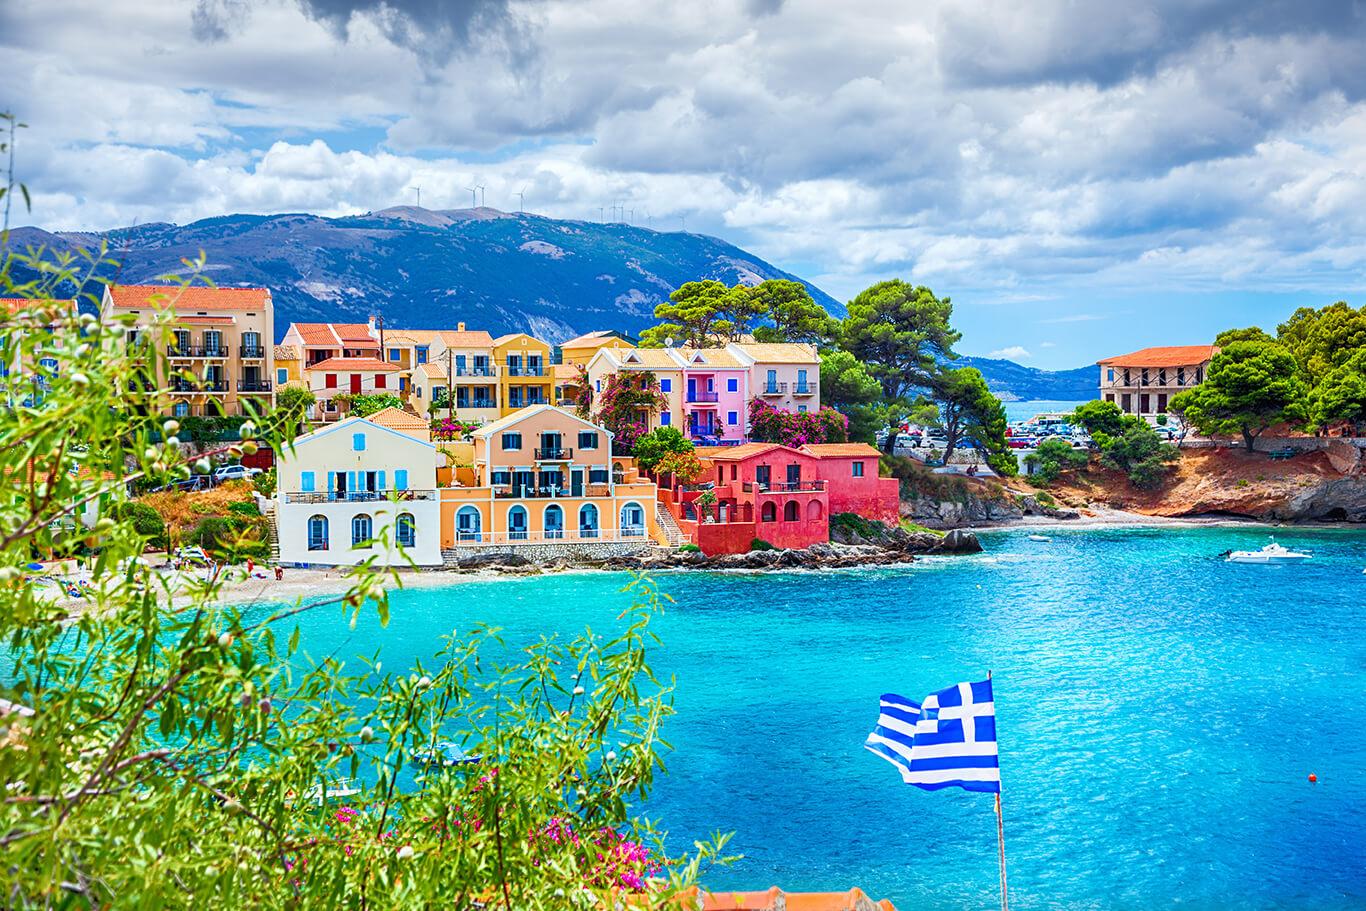 Luxusurlaub in Griechenland